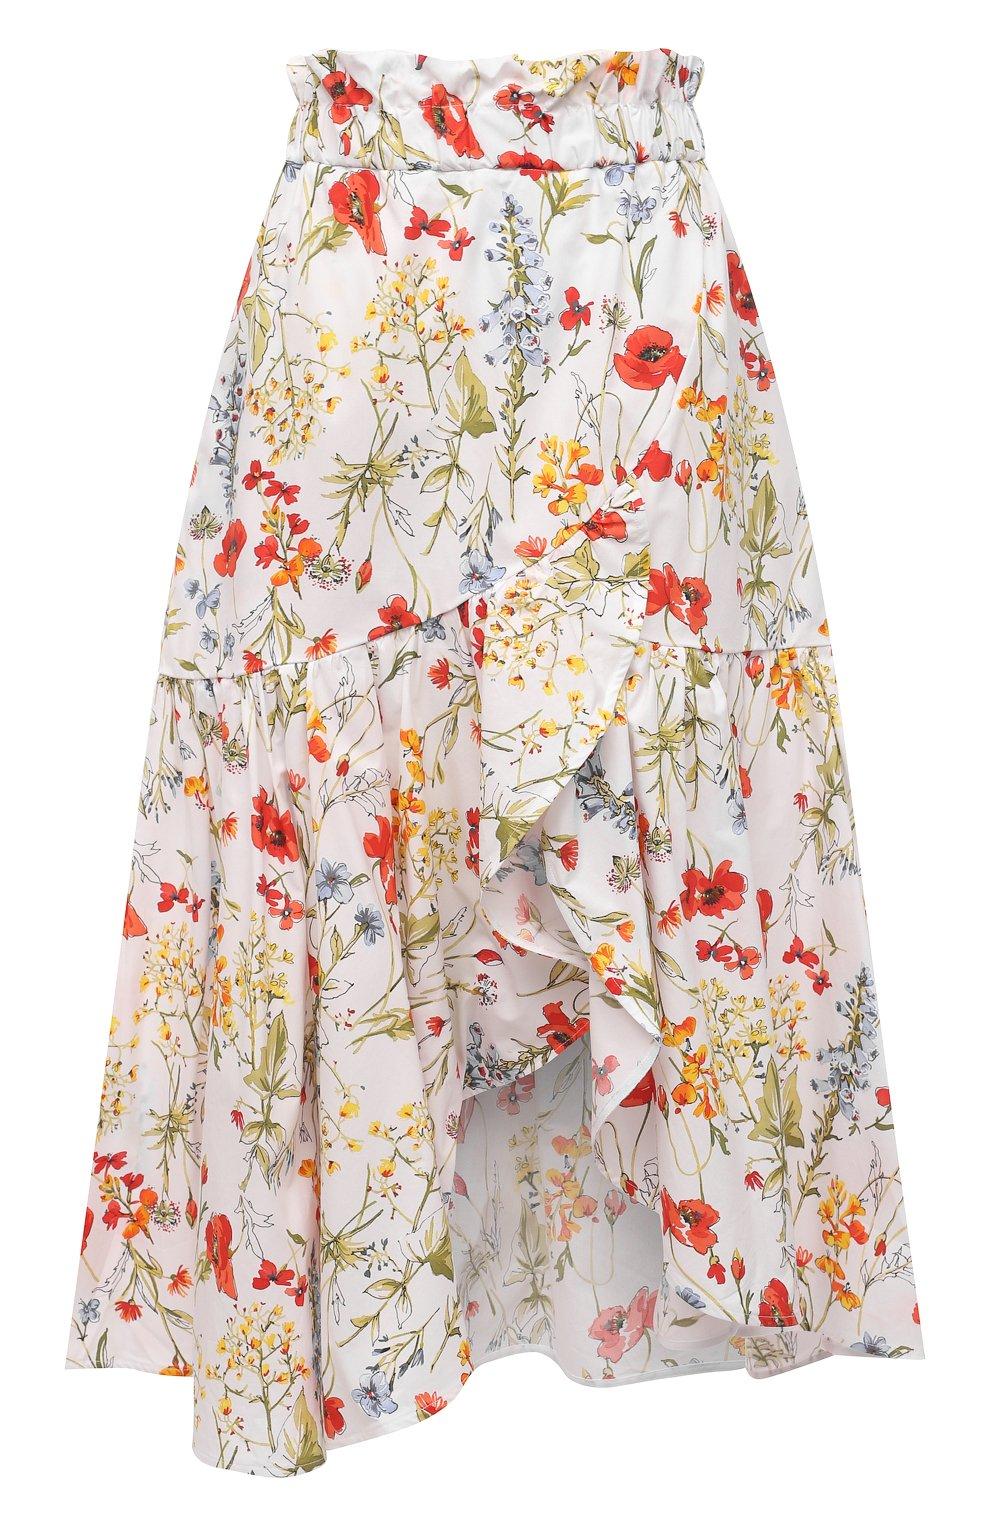 Женская хлопковая юбка SARA ROKA разноцветного цвета, арт. R0SLYN/31-S21   Фото 1 (Женское Кросс-КТ: Юбка-одежда; Материал внешний: Хлопок; Длина Ж (юбки, платья, шорты): Миди; Стили: Бохо)